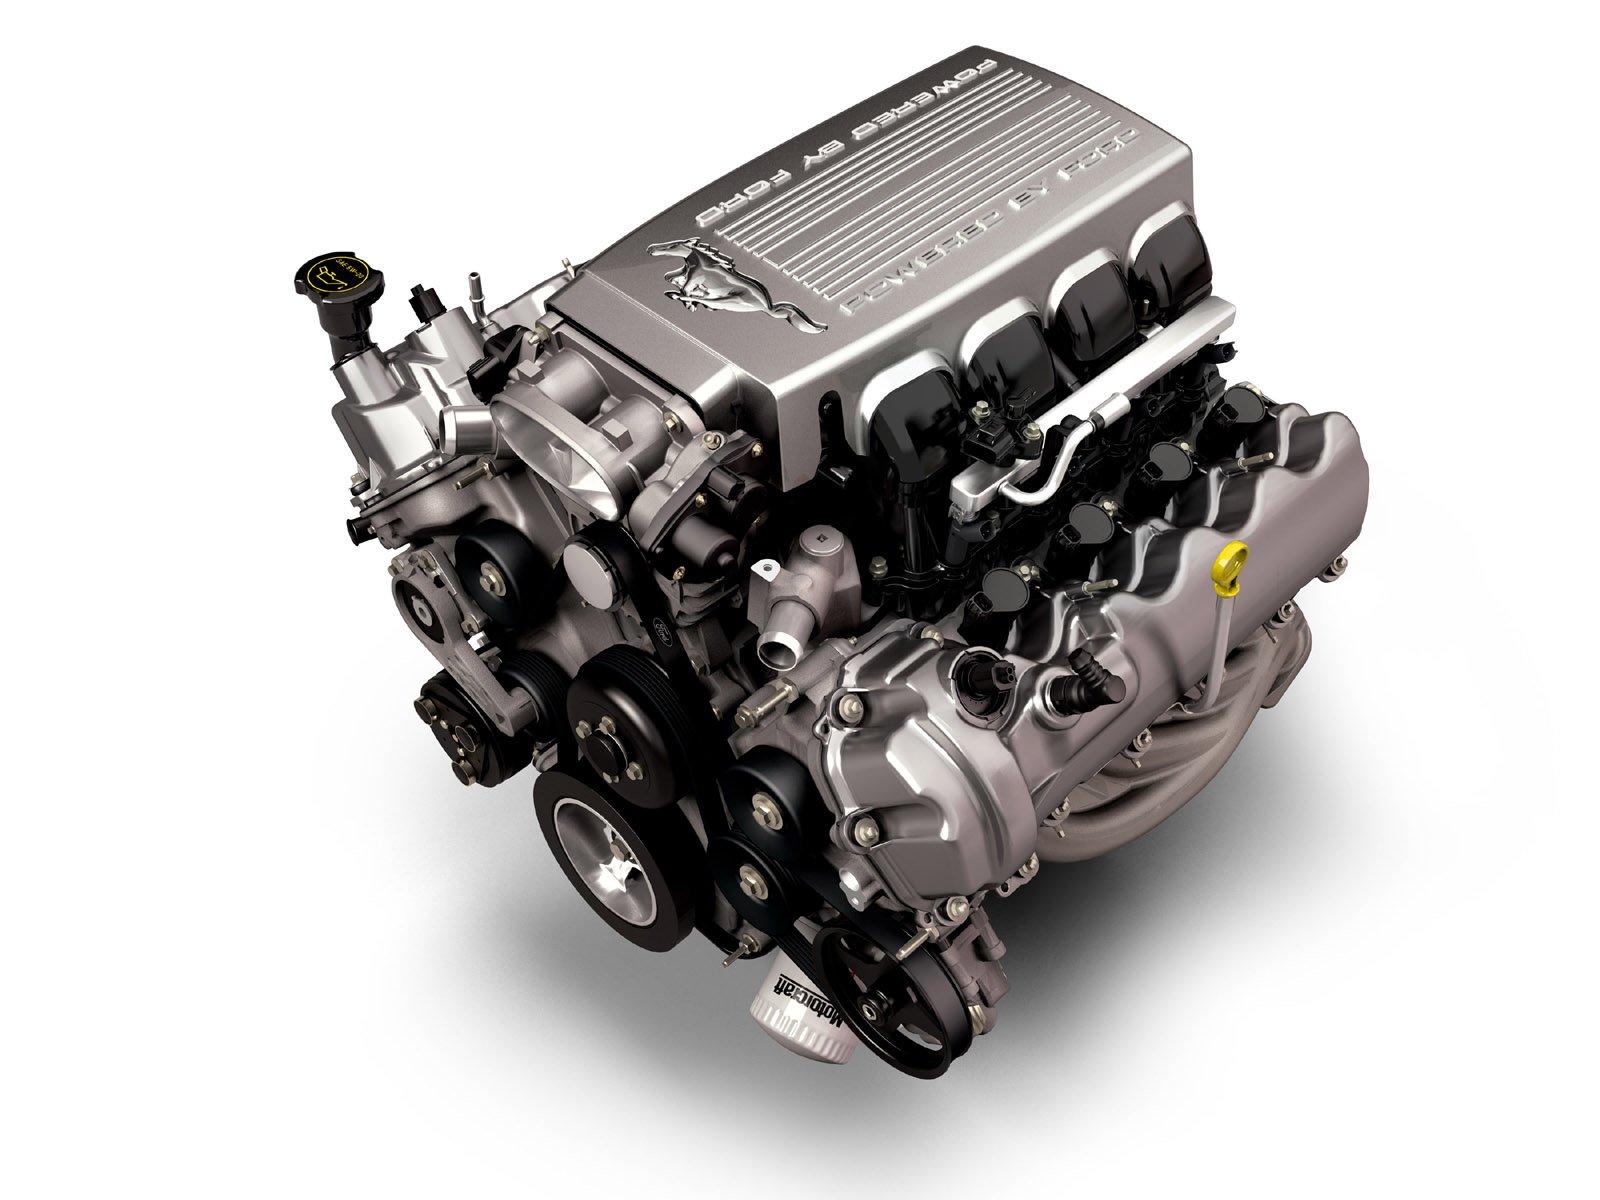 Купить двигатель в Актобе, бензин, дизель двс